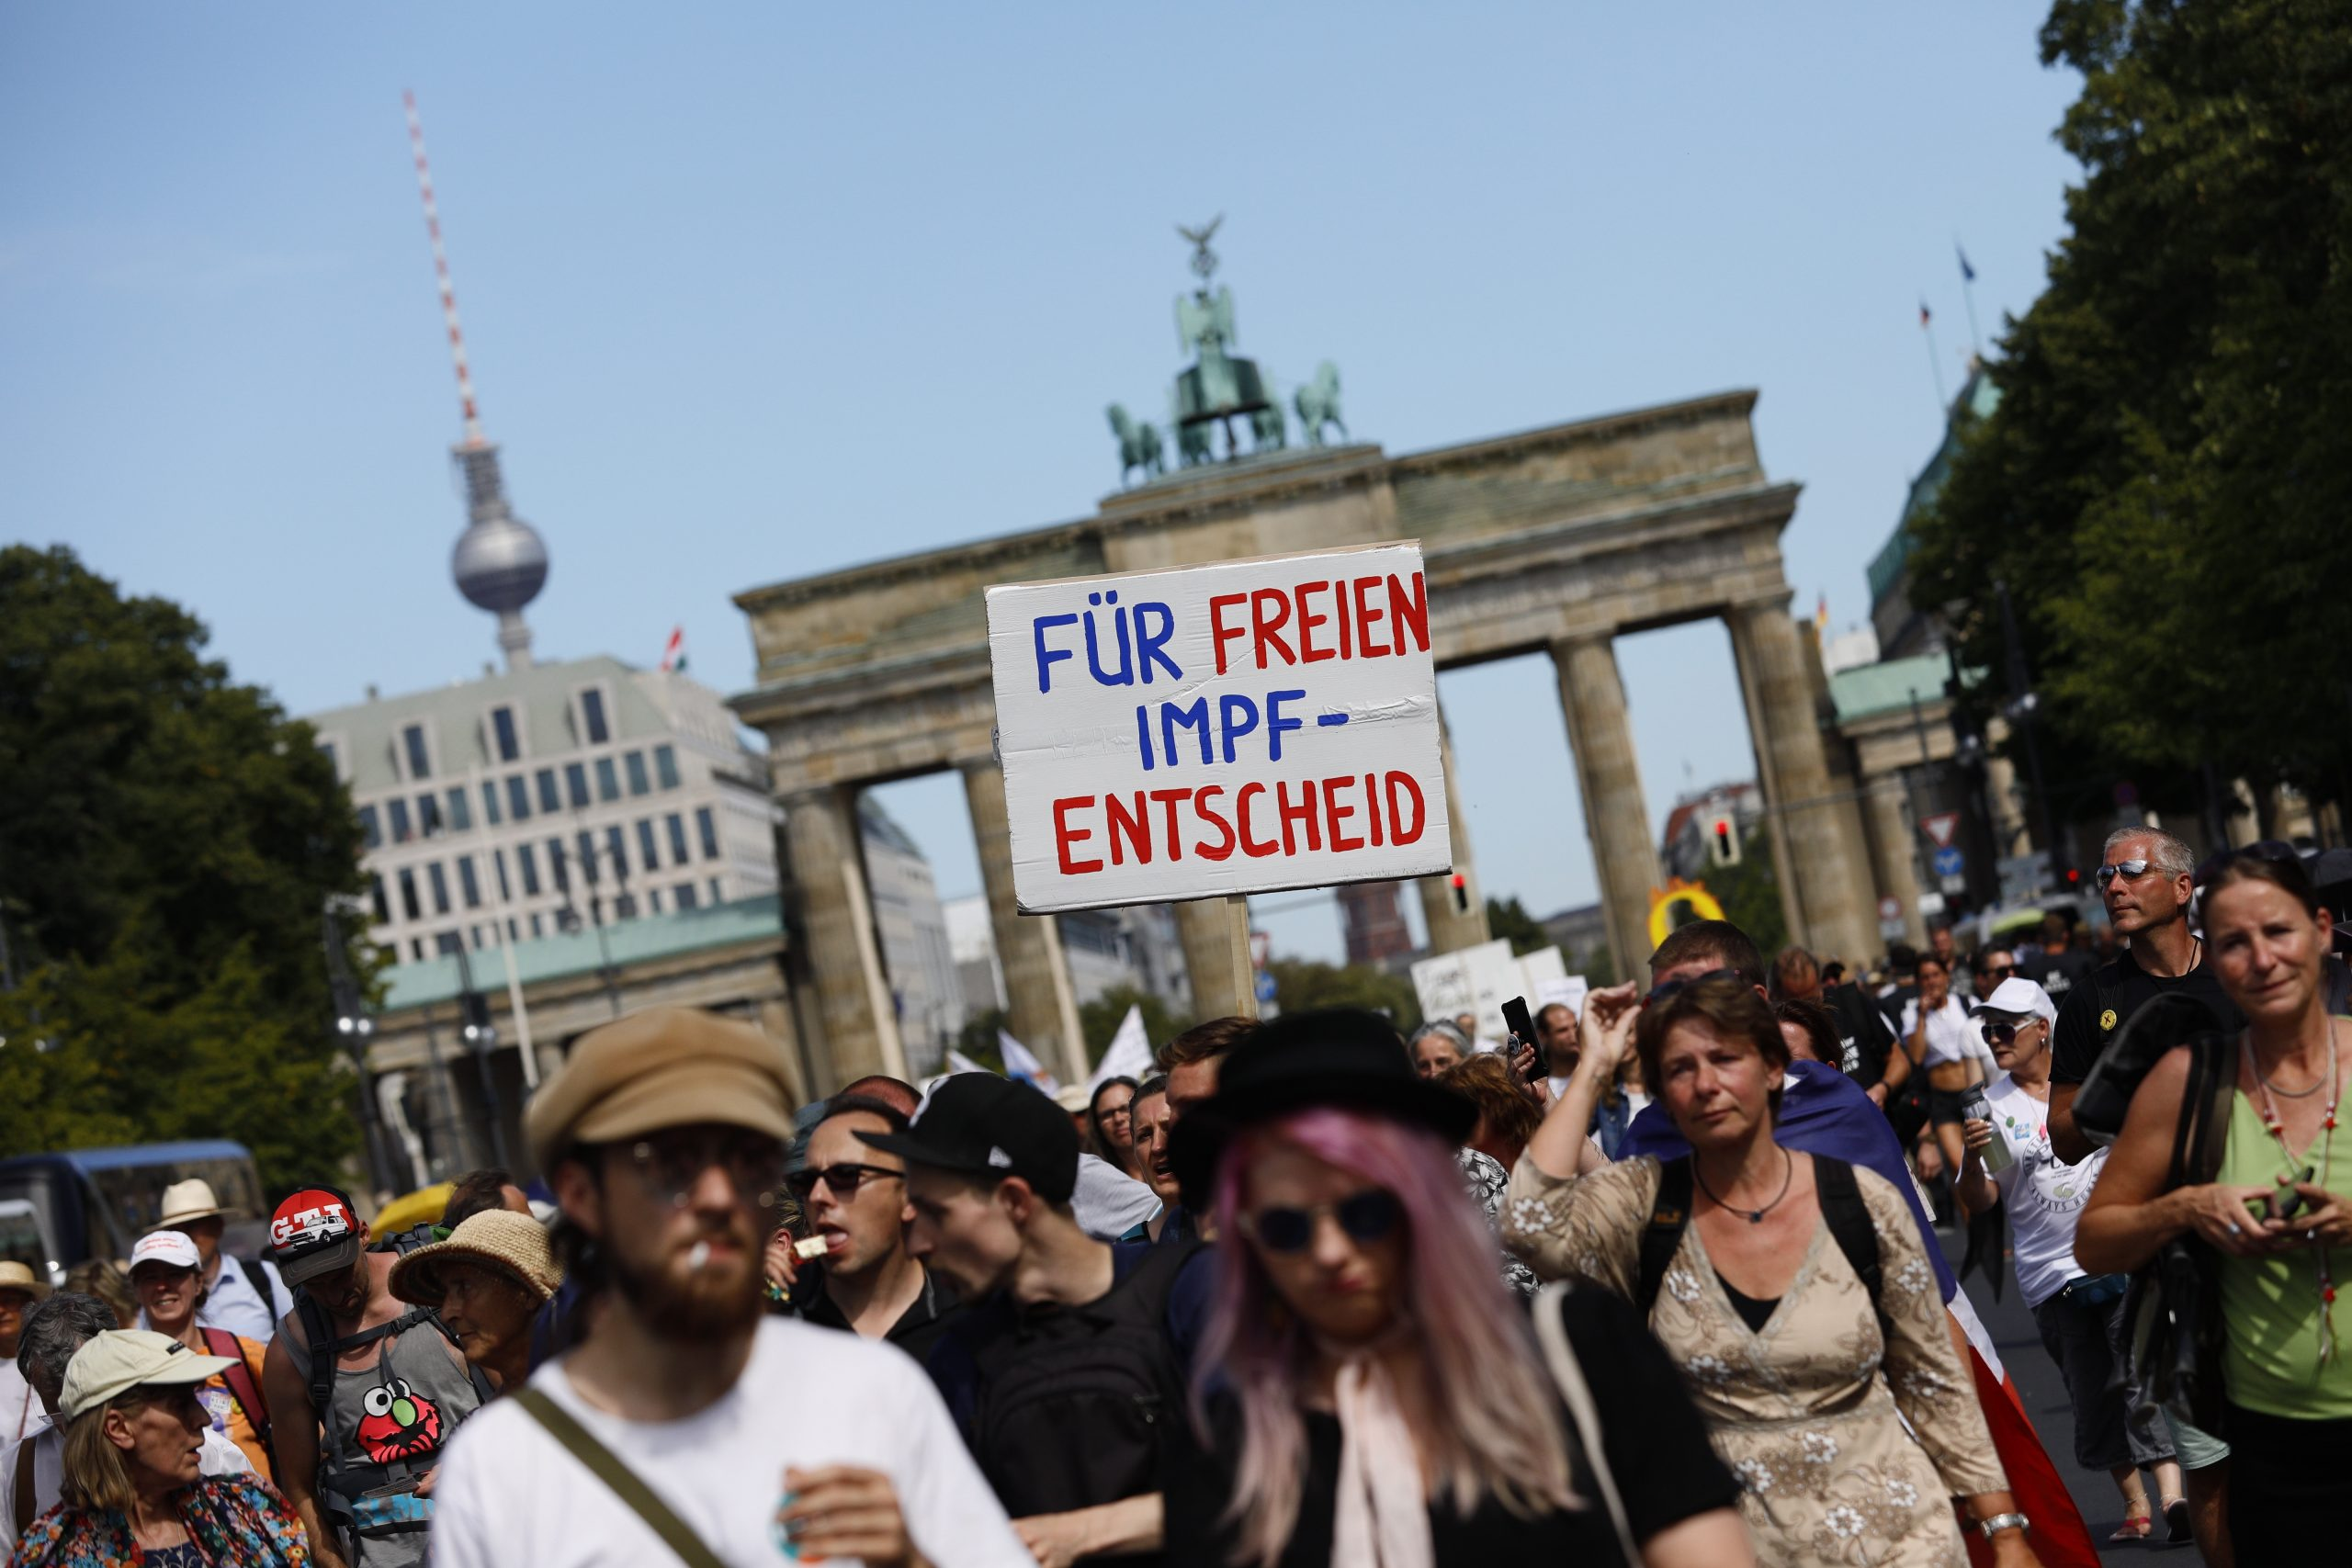 Der Denialismusmarsch in Berlin verkündet das Ende der Pandemie in vollem Aufschwung. Foto von EFE / EPA / FELIPE TRUEBA.